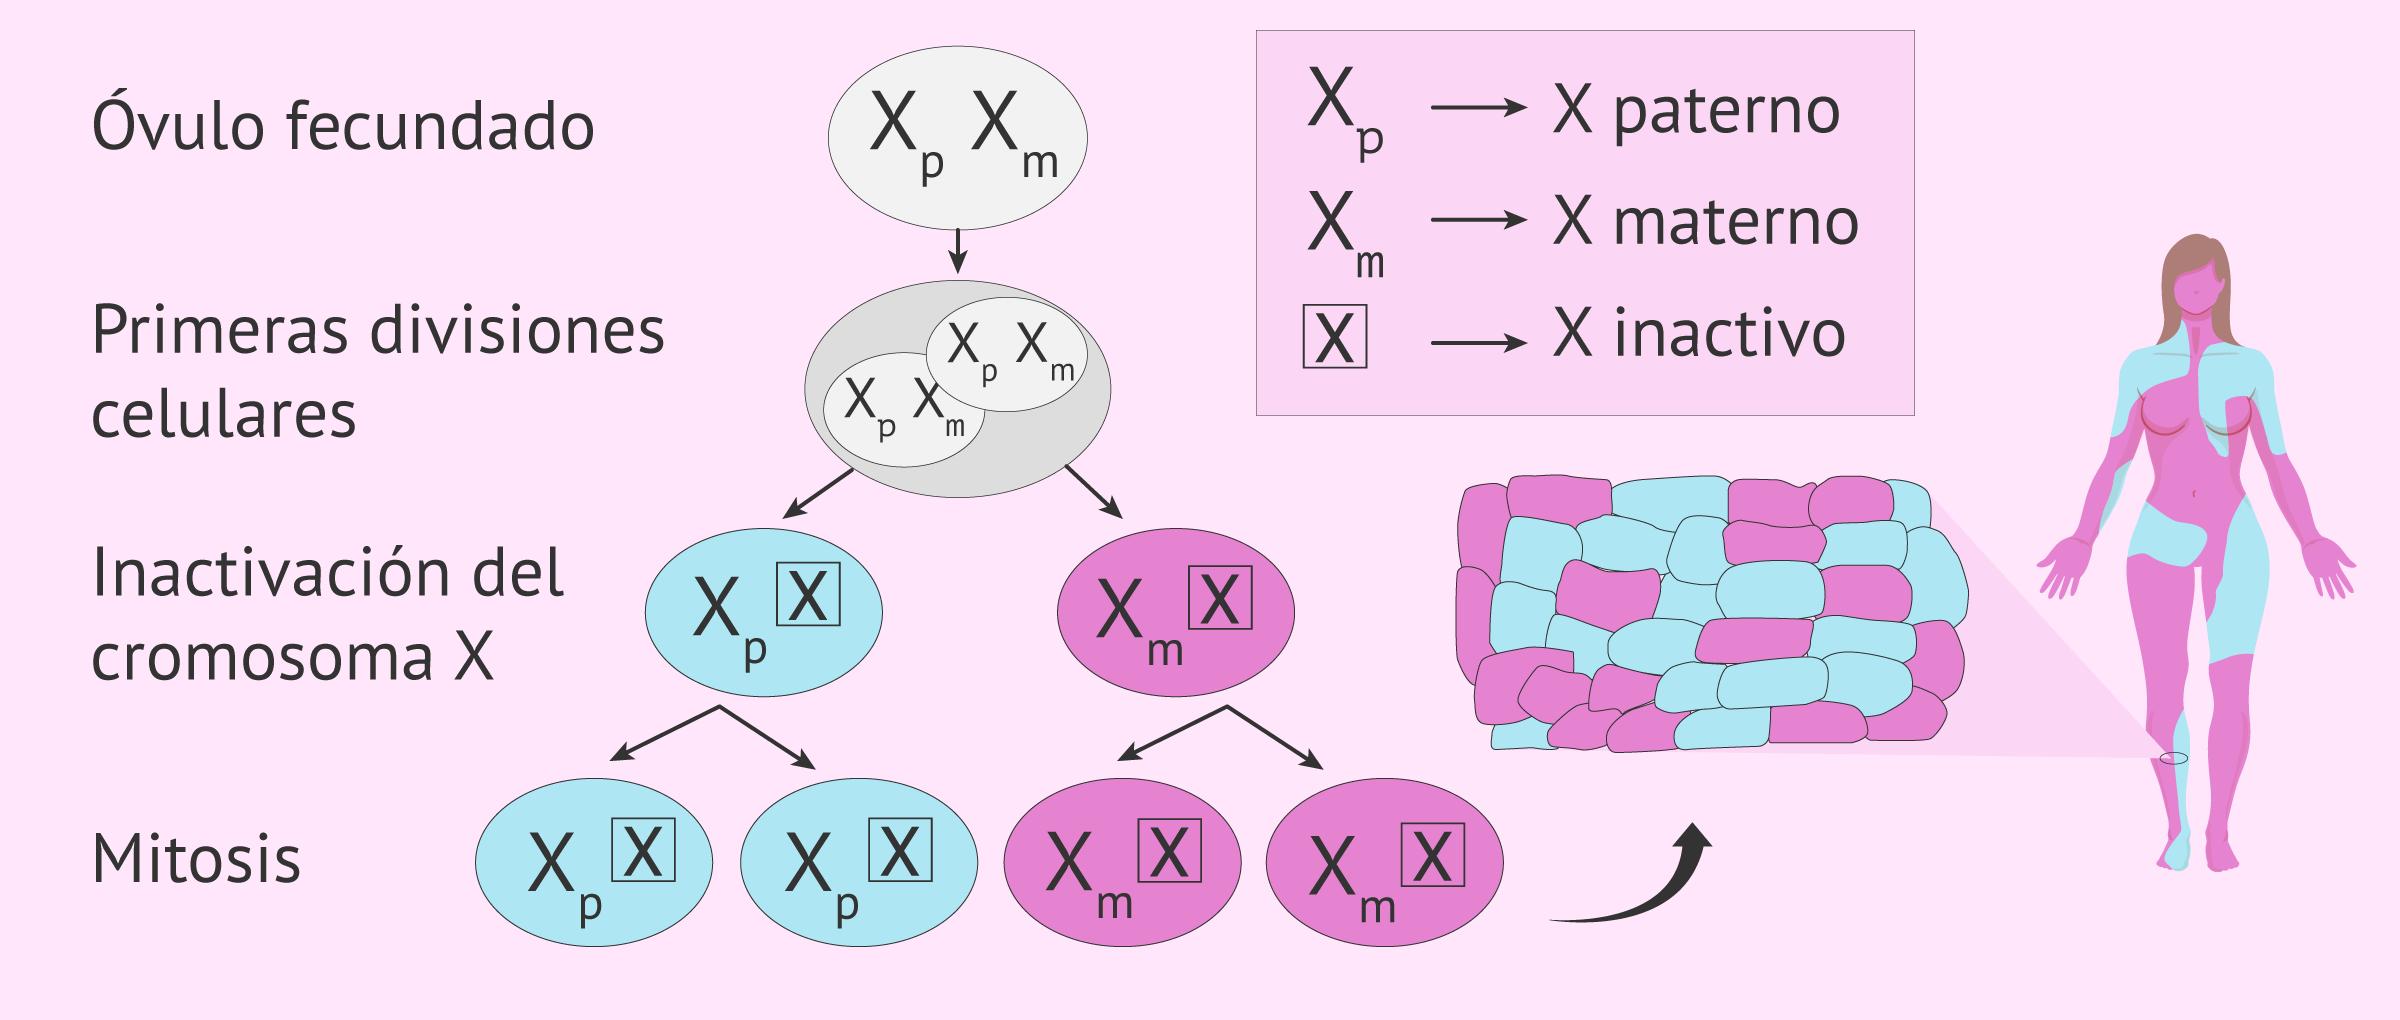 Patrón de inactivación del cromosoma X